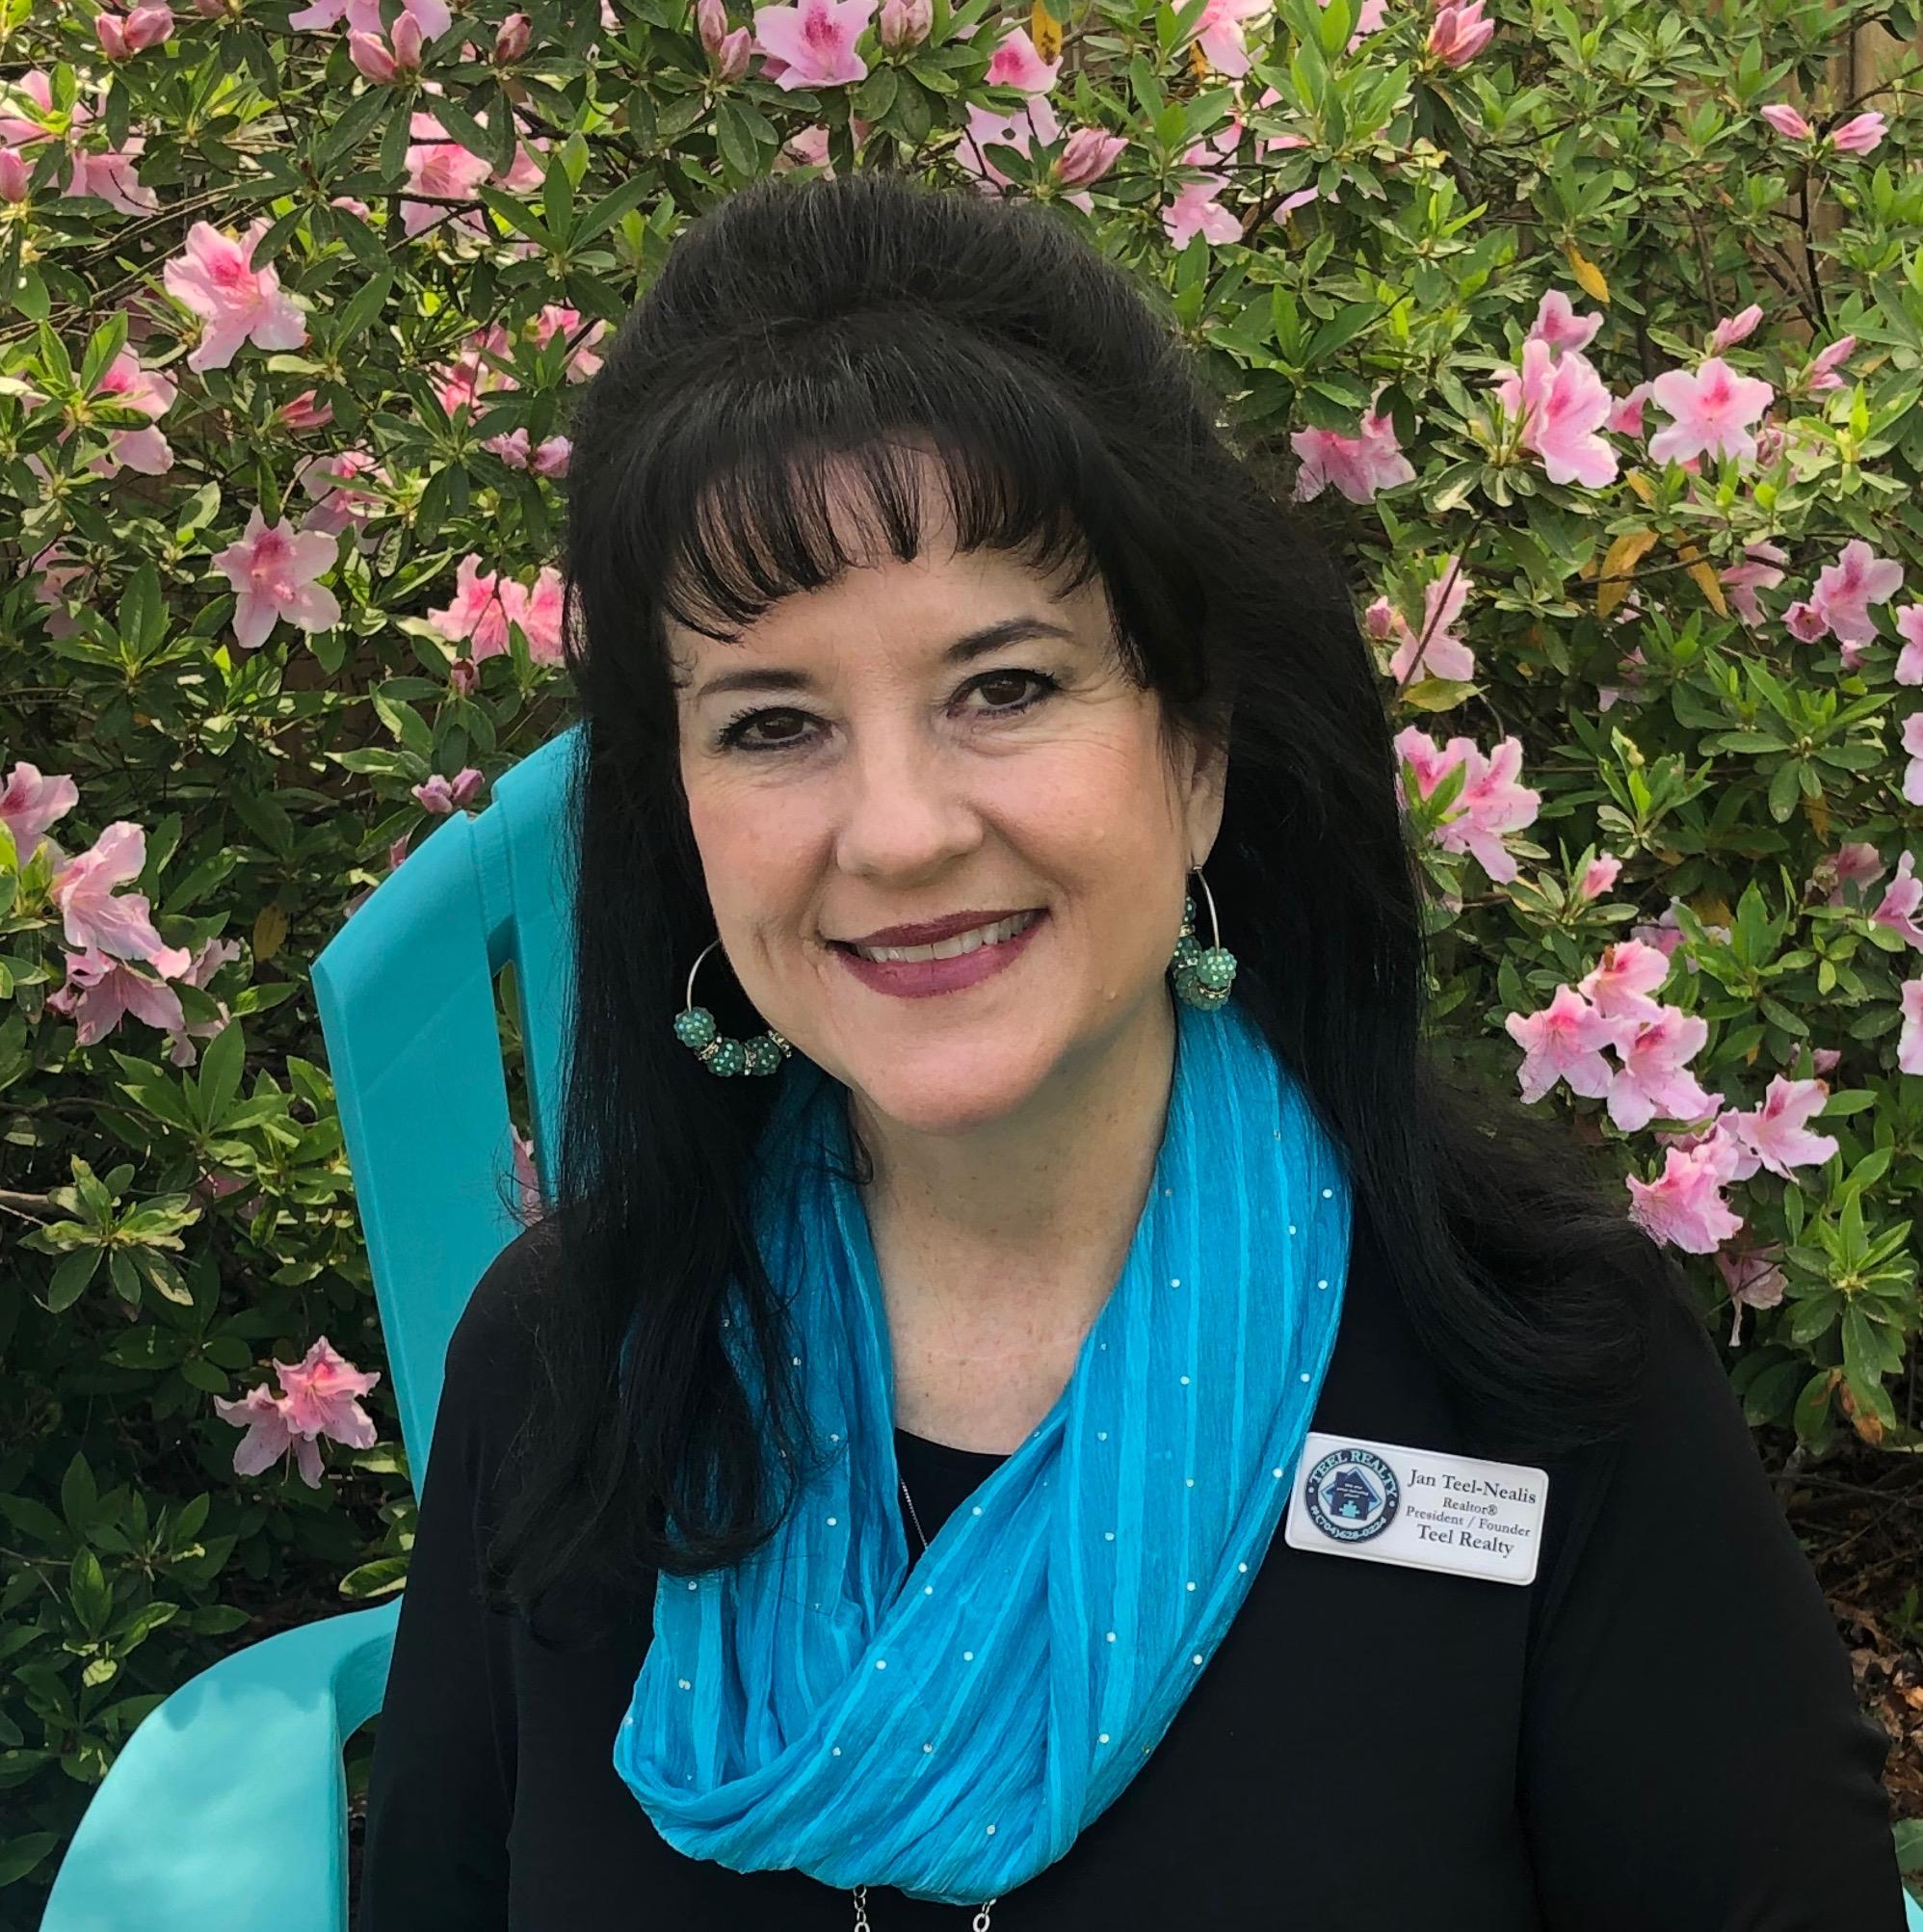 Janet Teel